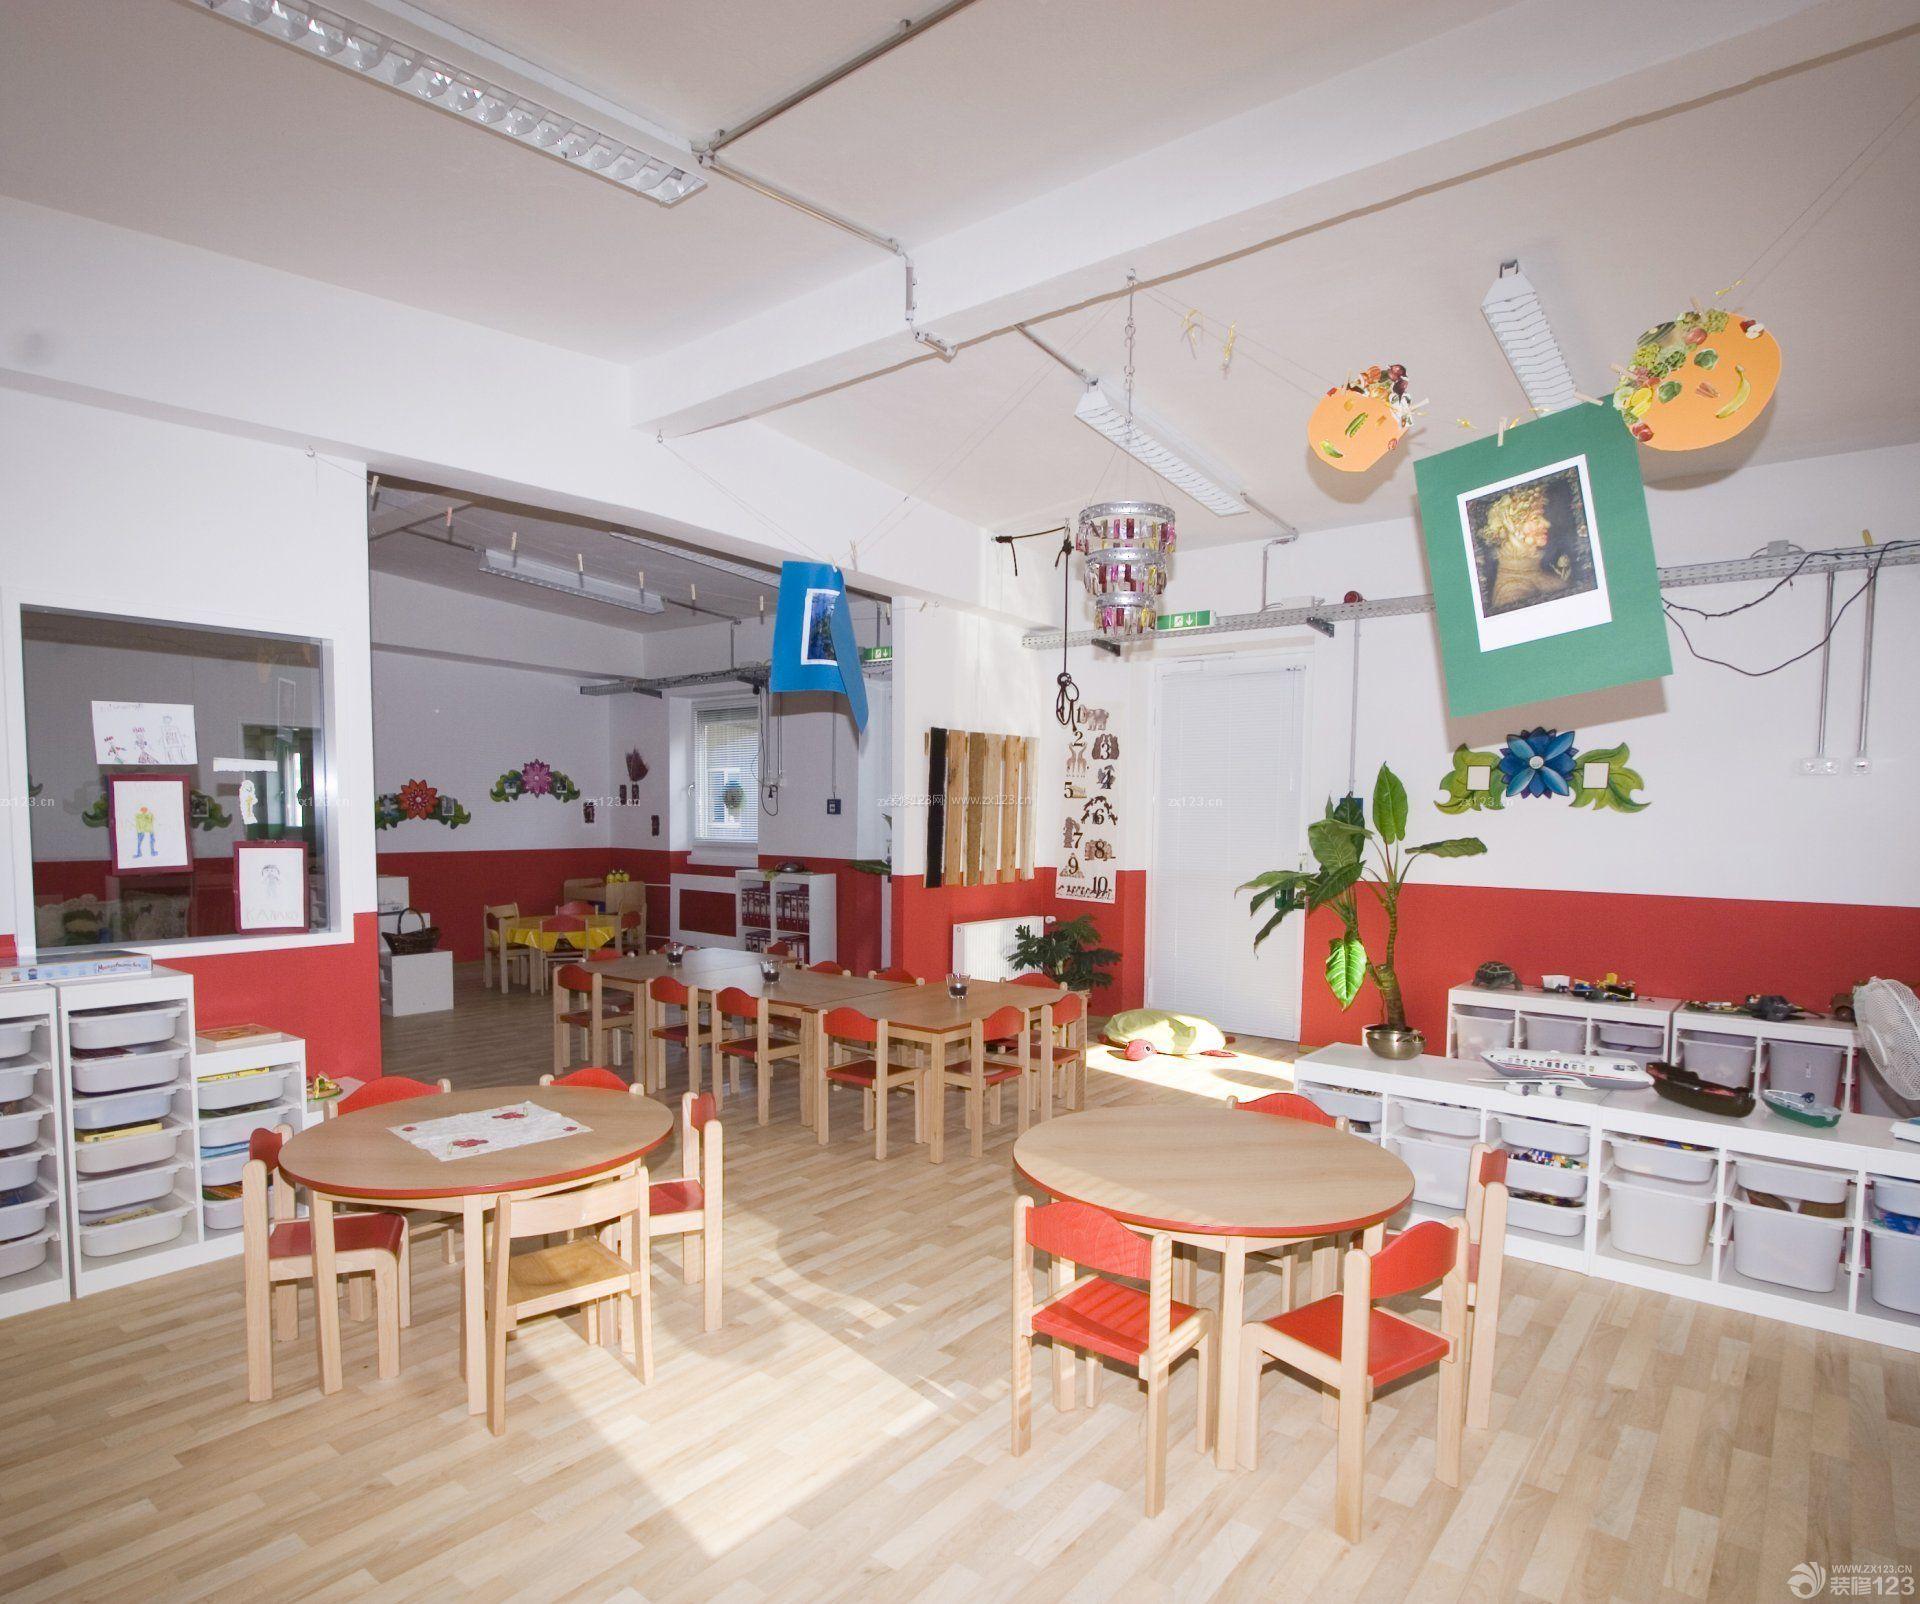 最新幼儿园设计室内原木地板装修效果图片